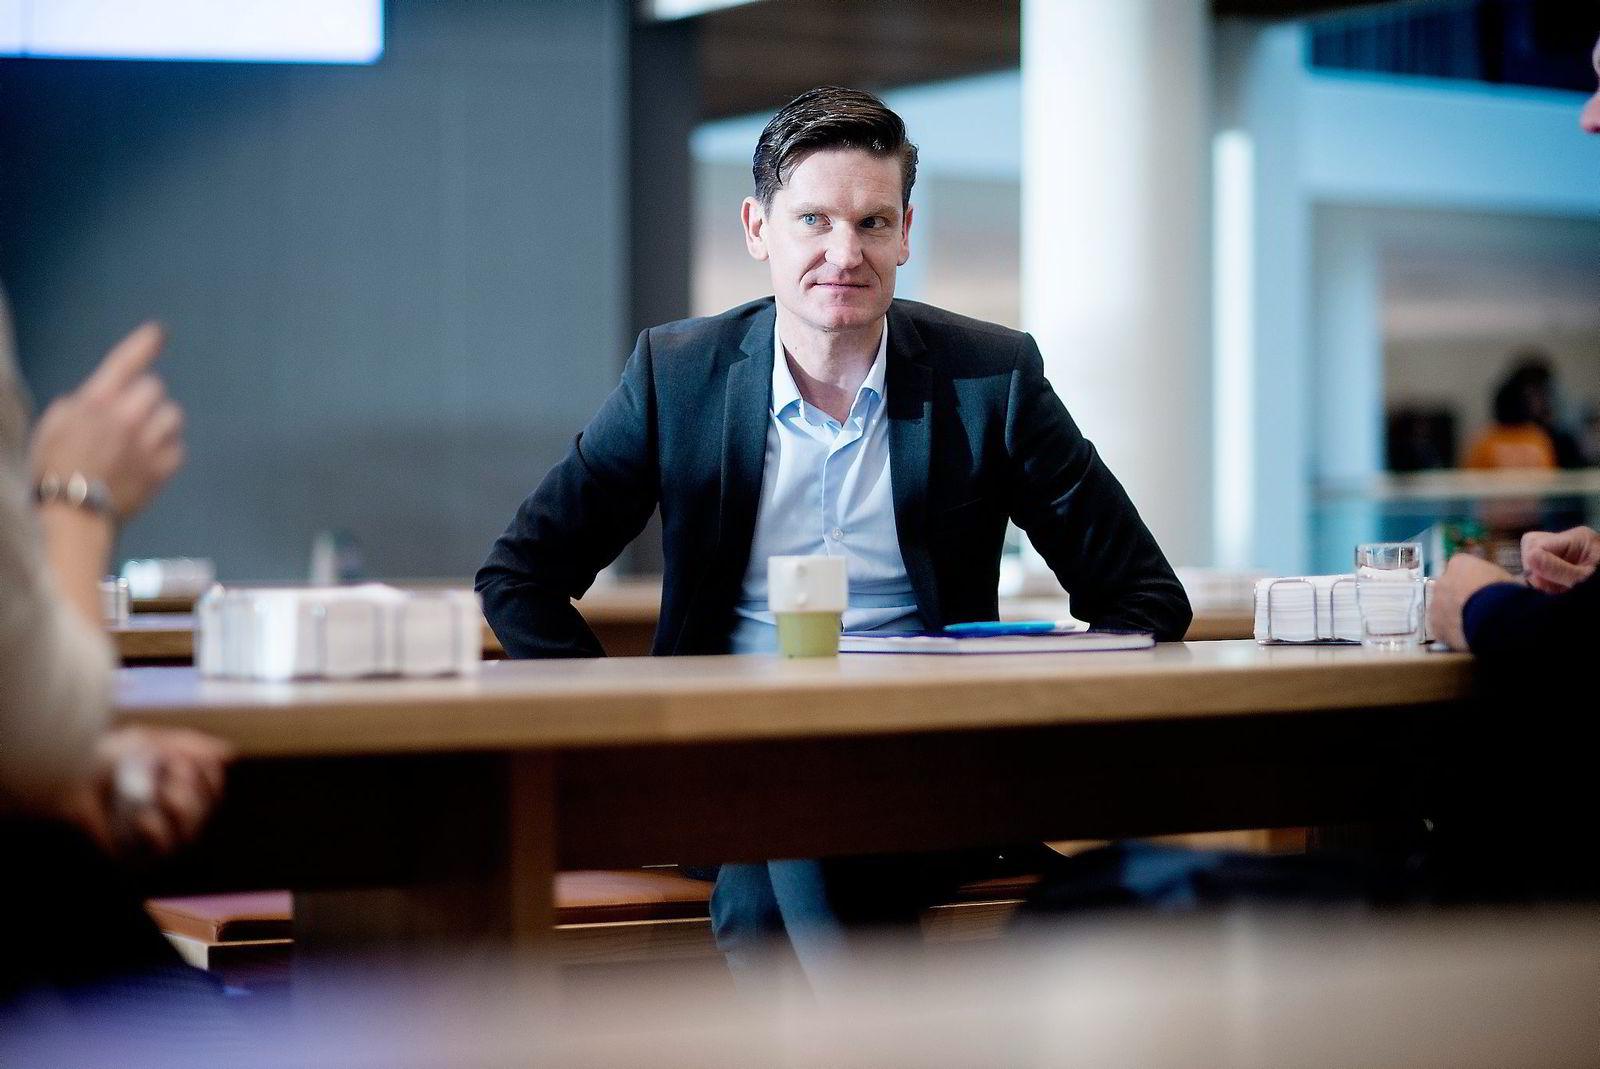 Nordeas sjeføkonom Kjetil Olsen mener norsk økonomi har klart seg overraskende bra, og tror sysselsettingen vil holde seg stabil det neste året.